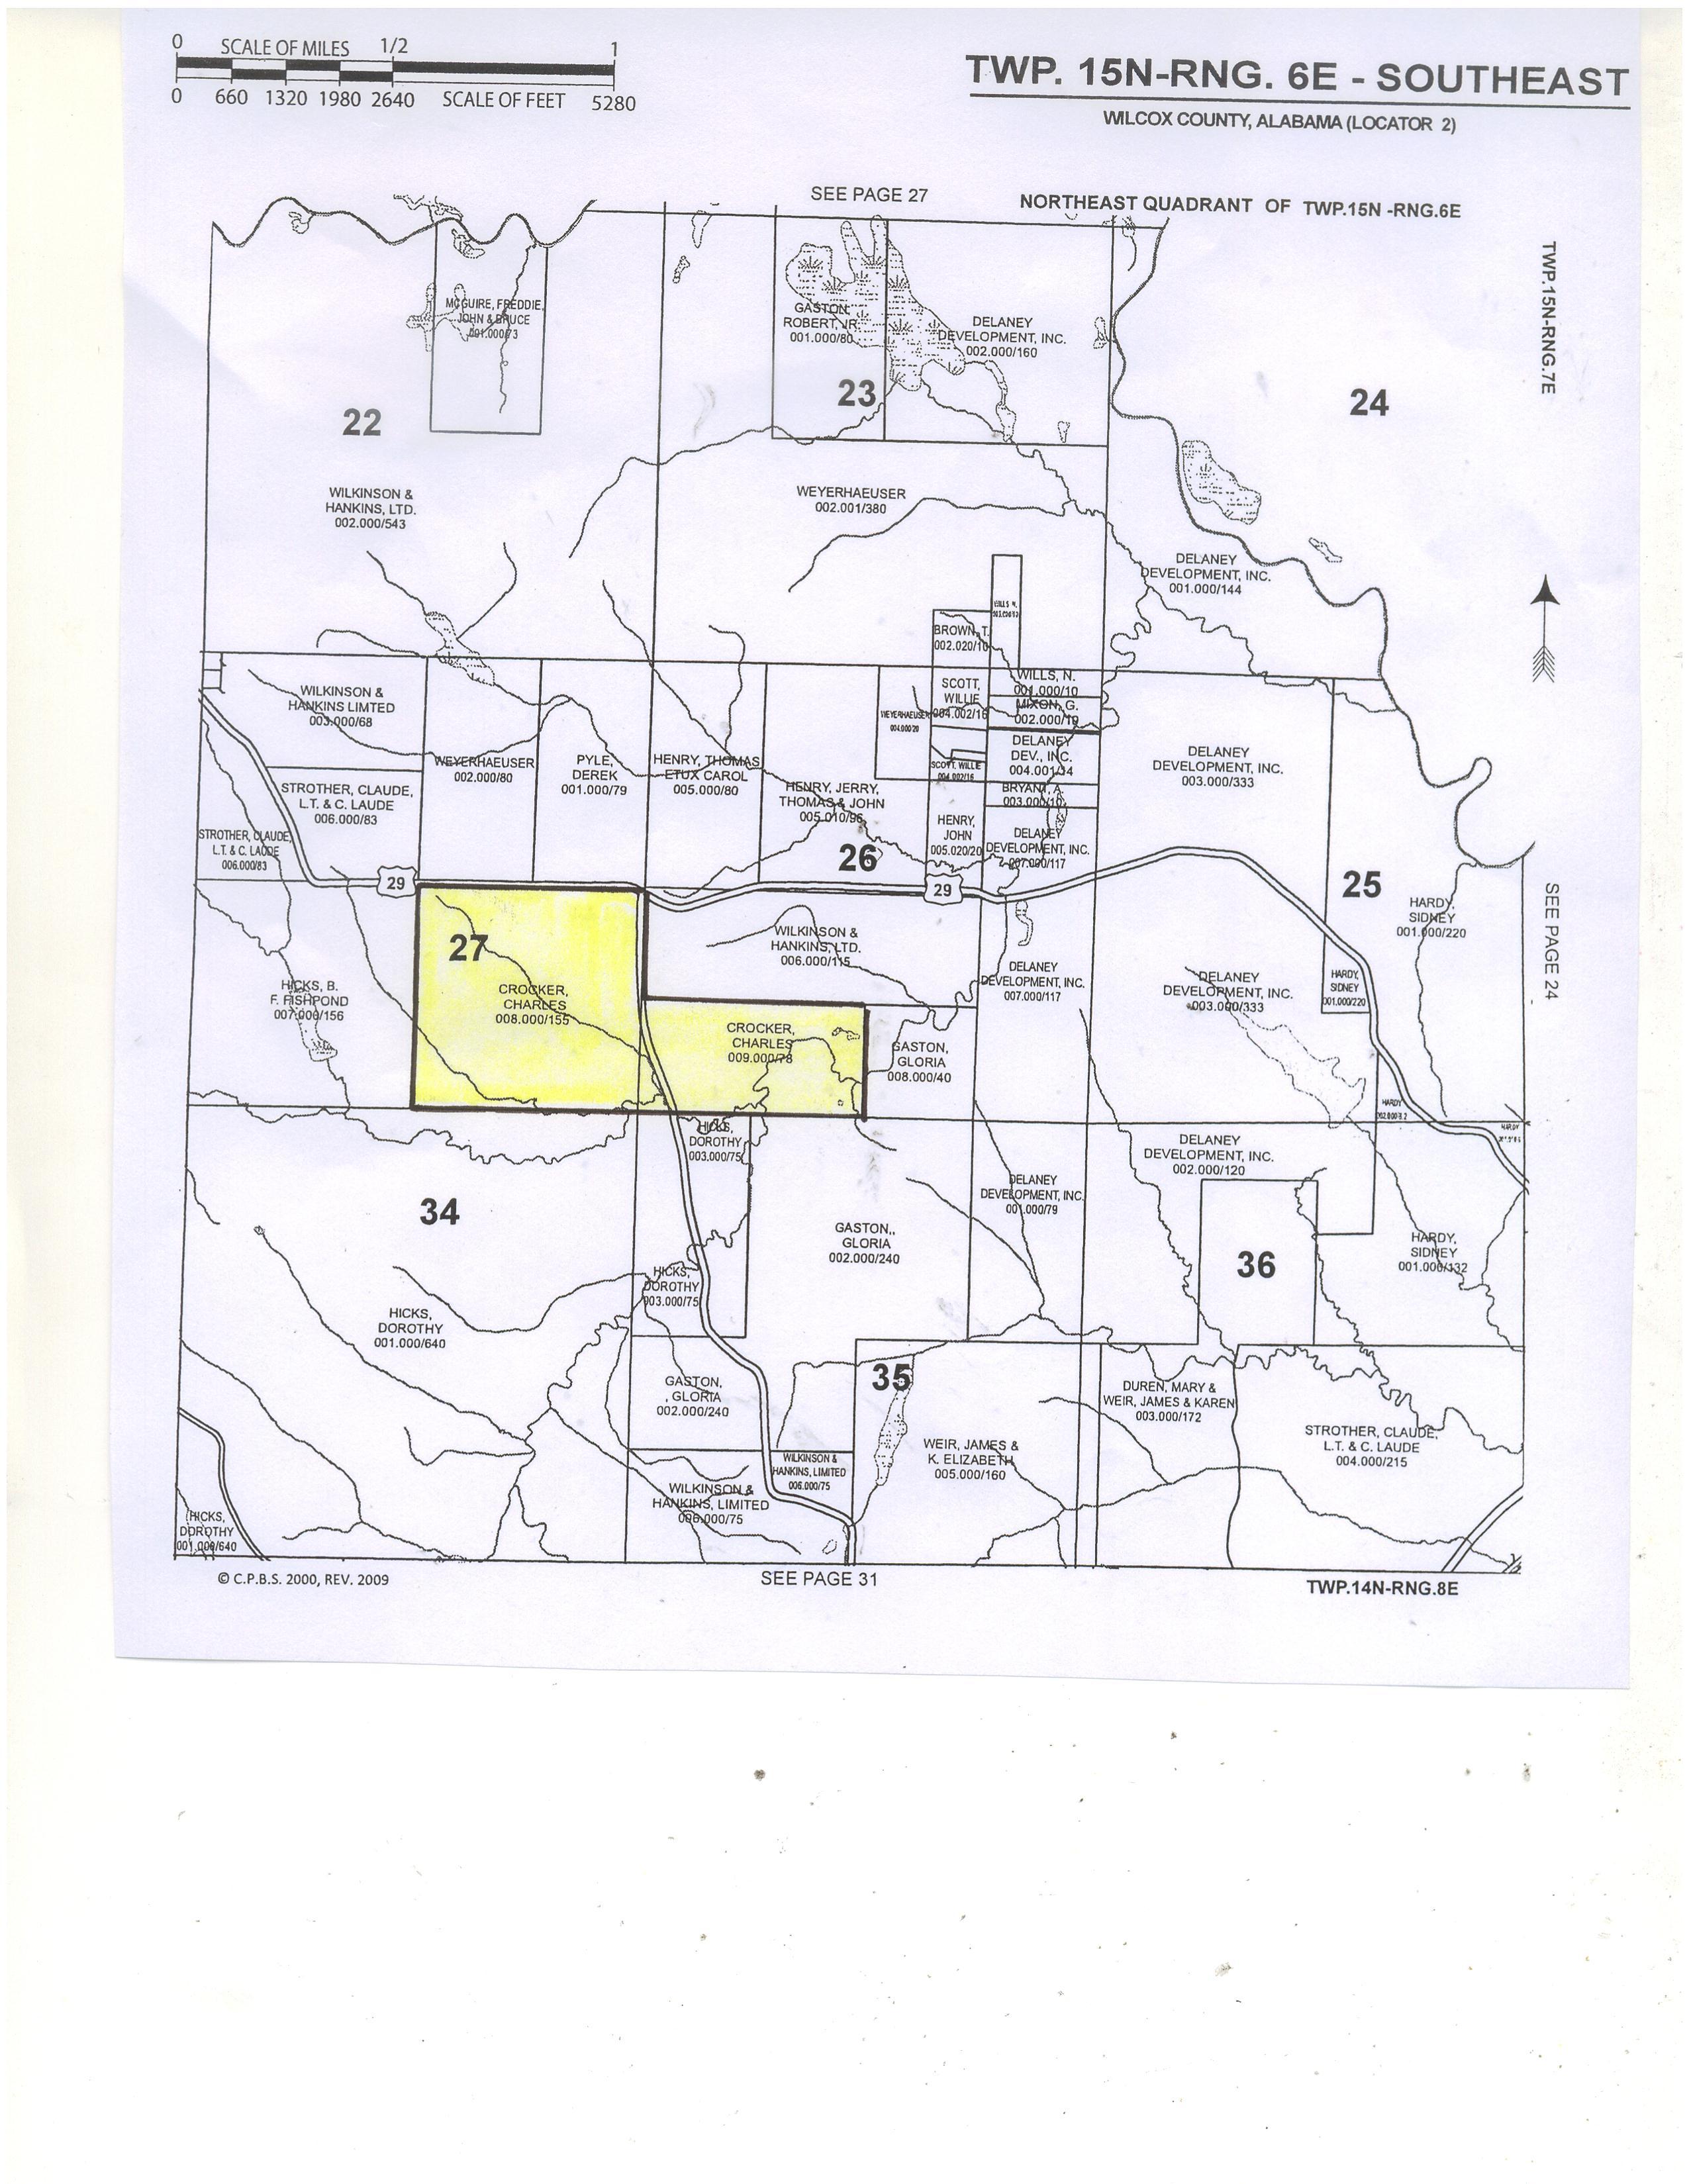 Alabama wilcox county catherine - Plat Map